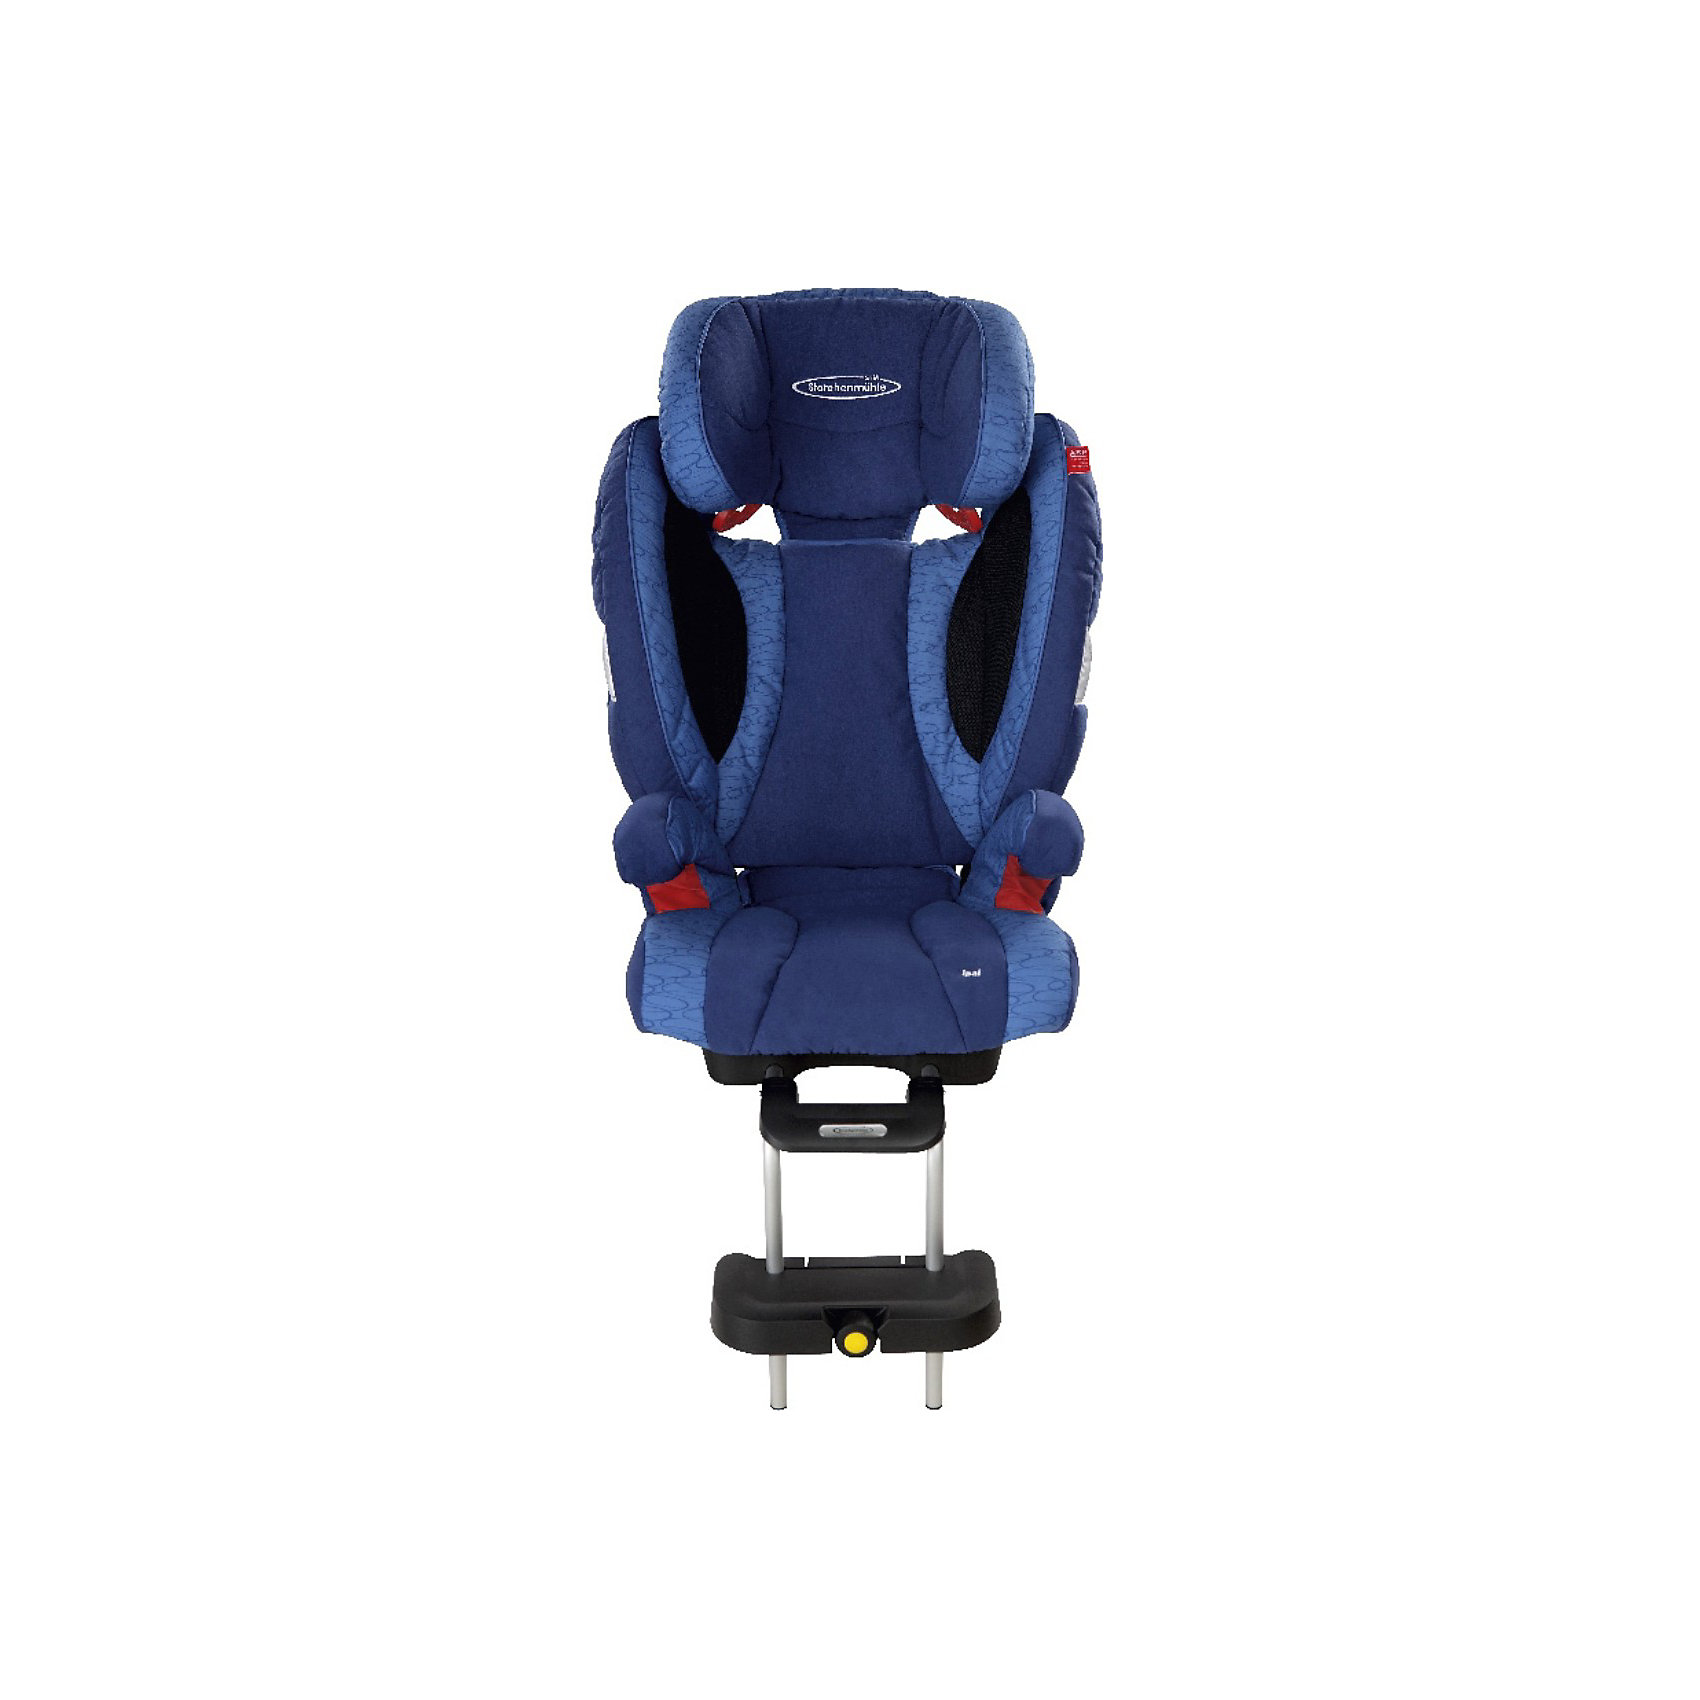 Подставка для ног к креслу Monza , STM, черный (Storchenmahle)